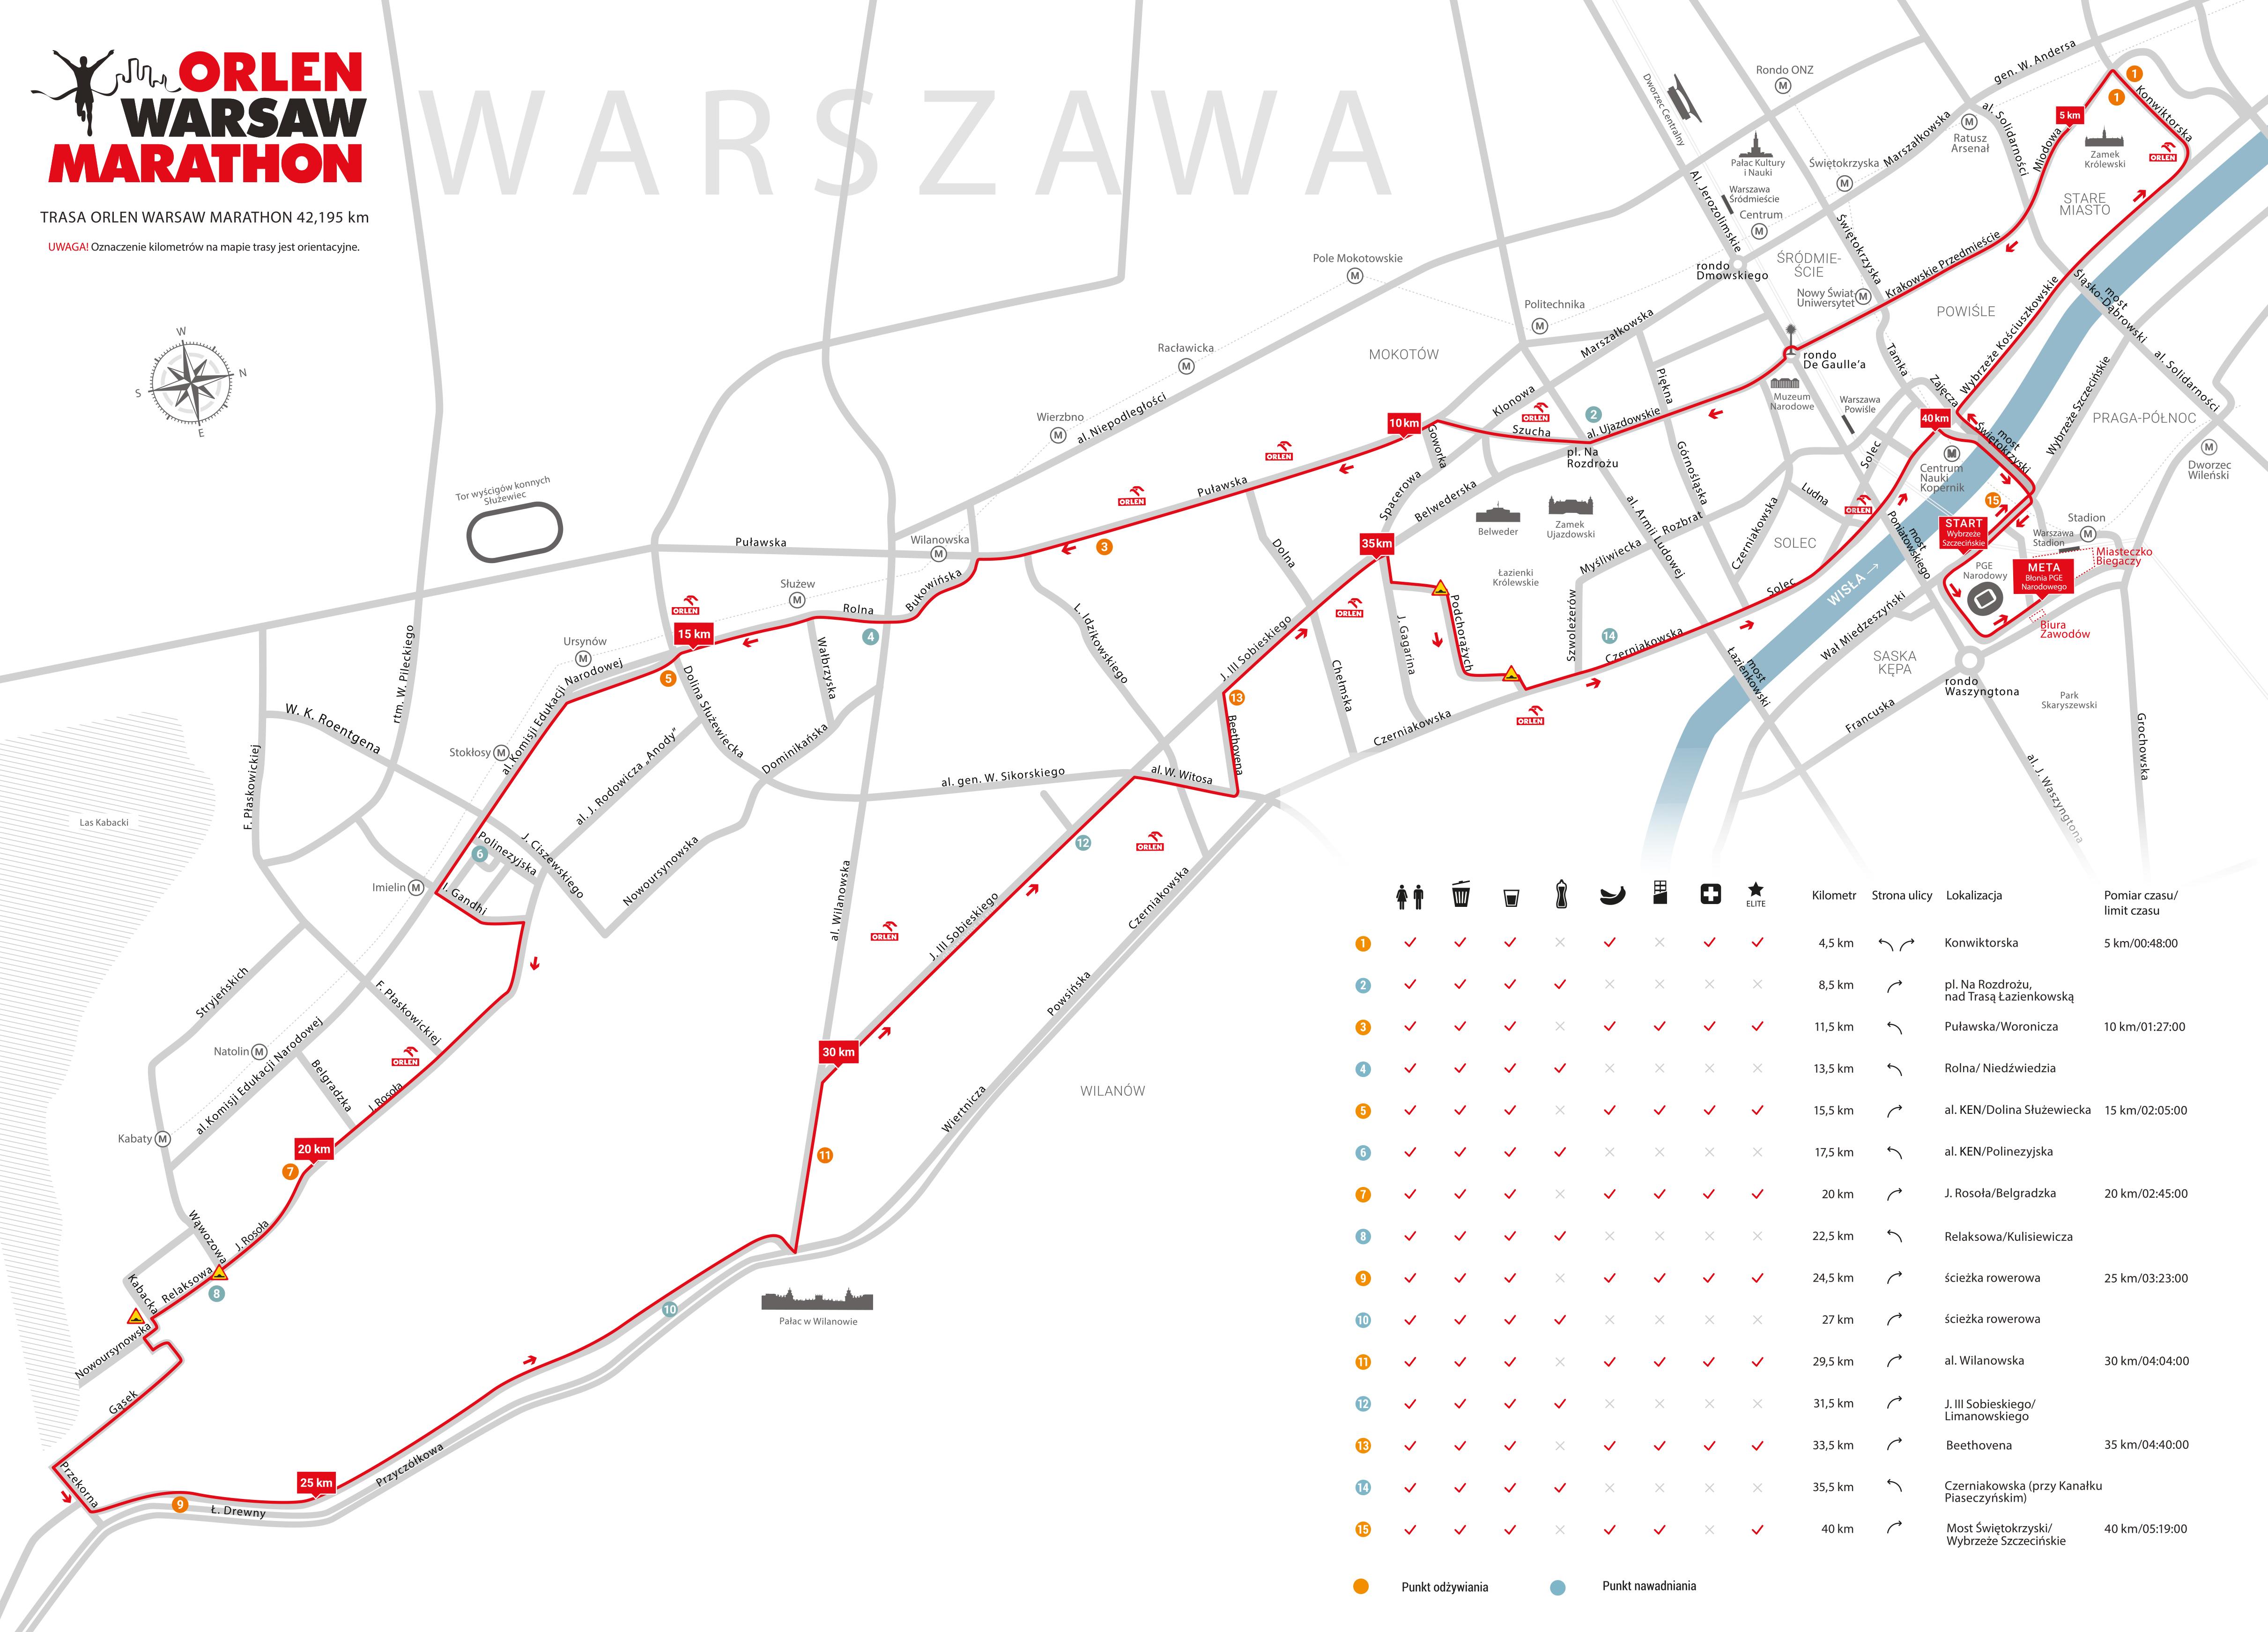 OWM_mapa_42km_2017_03_03_druk-a3